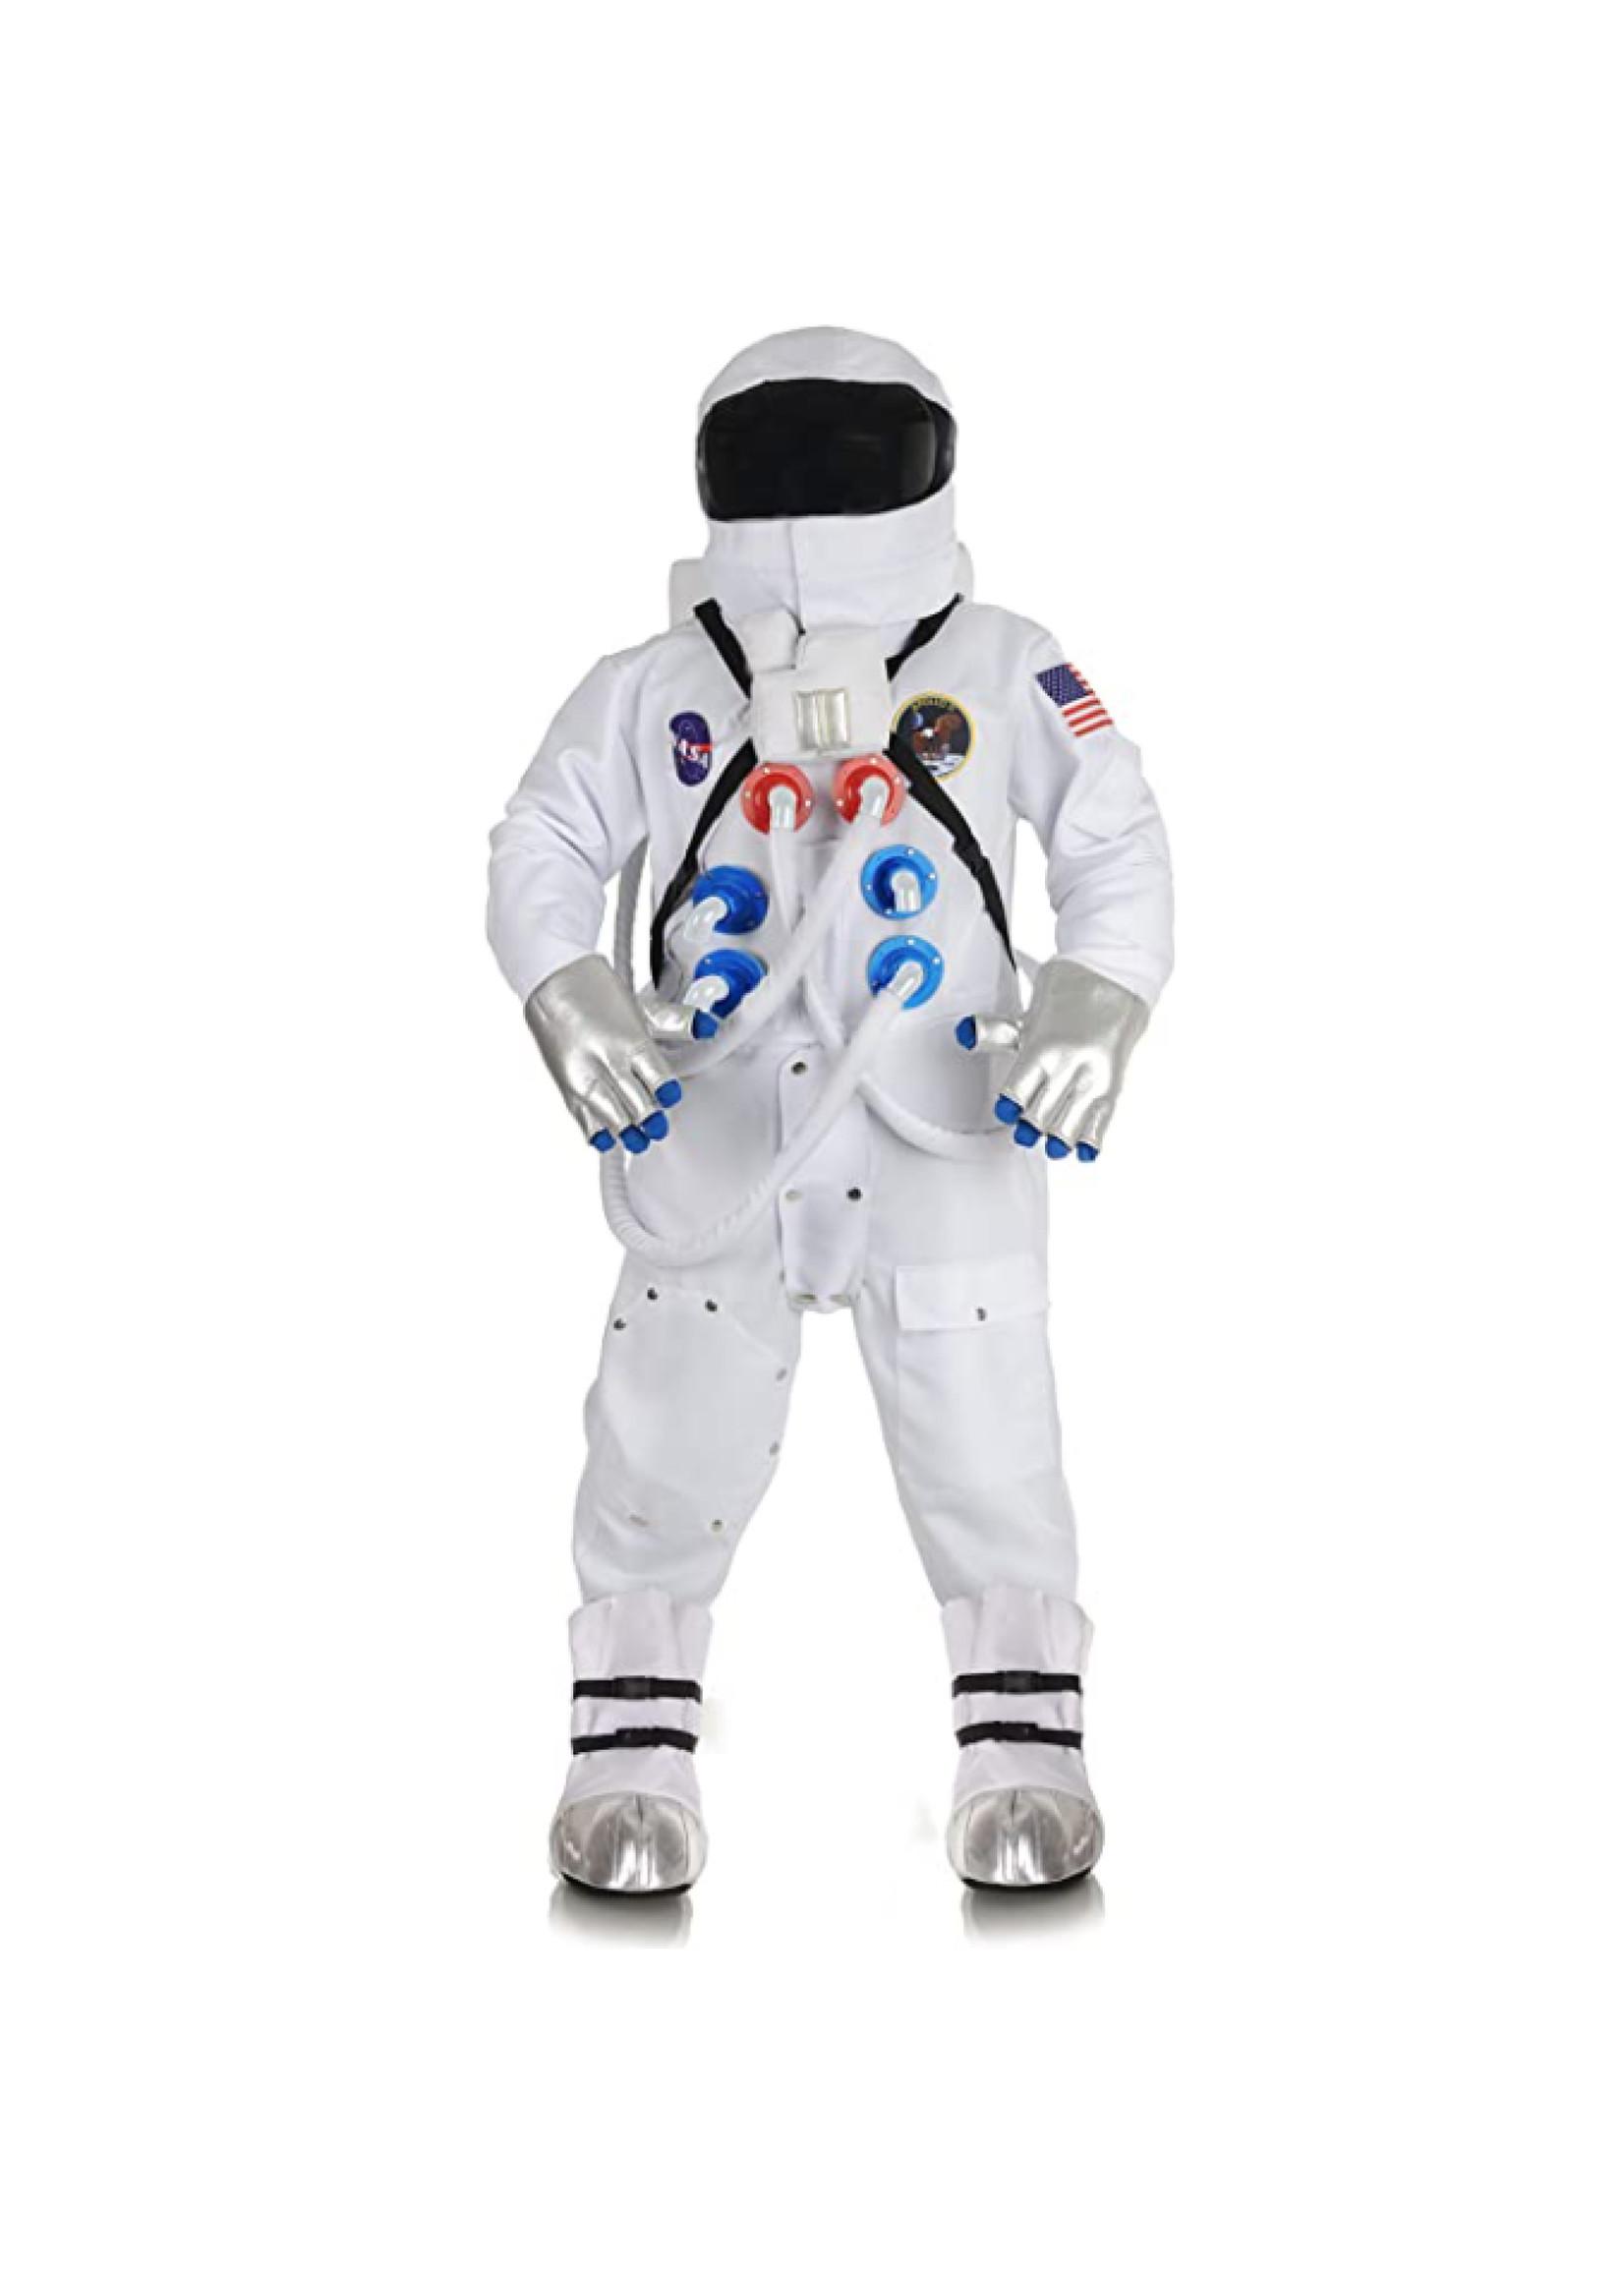 UNDERWRAPS Deluxe Astronaut Suit - Men's